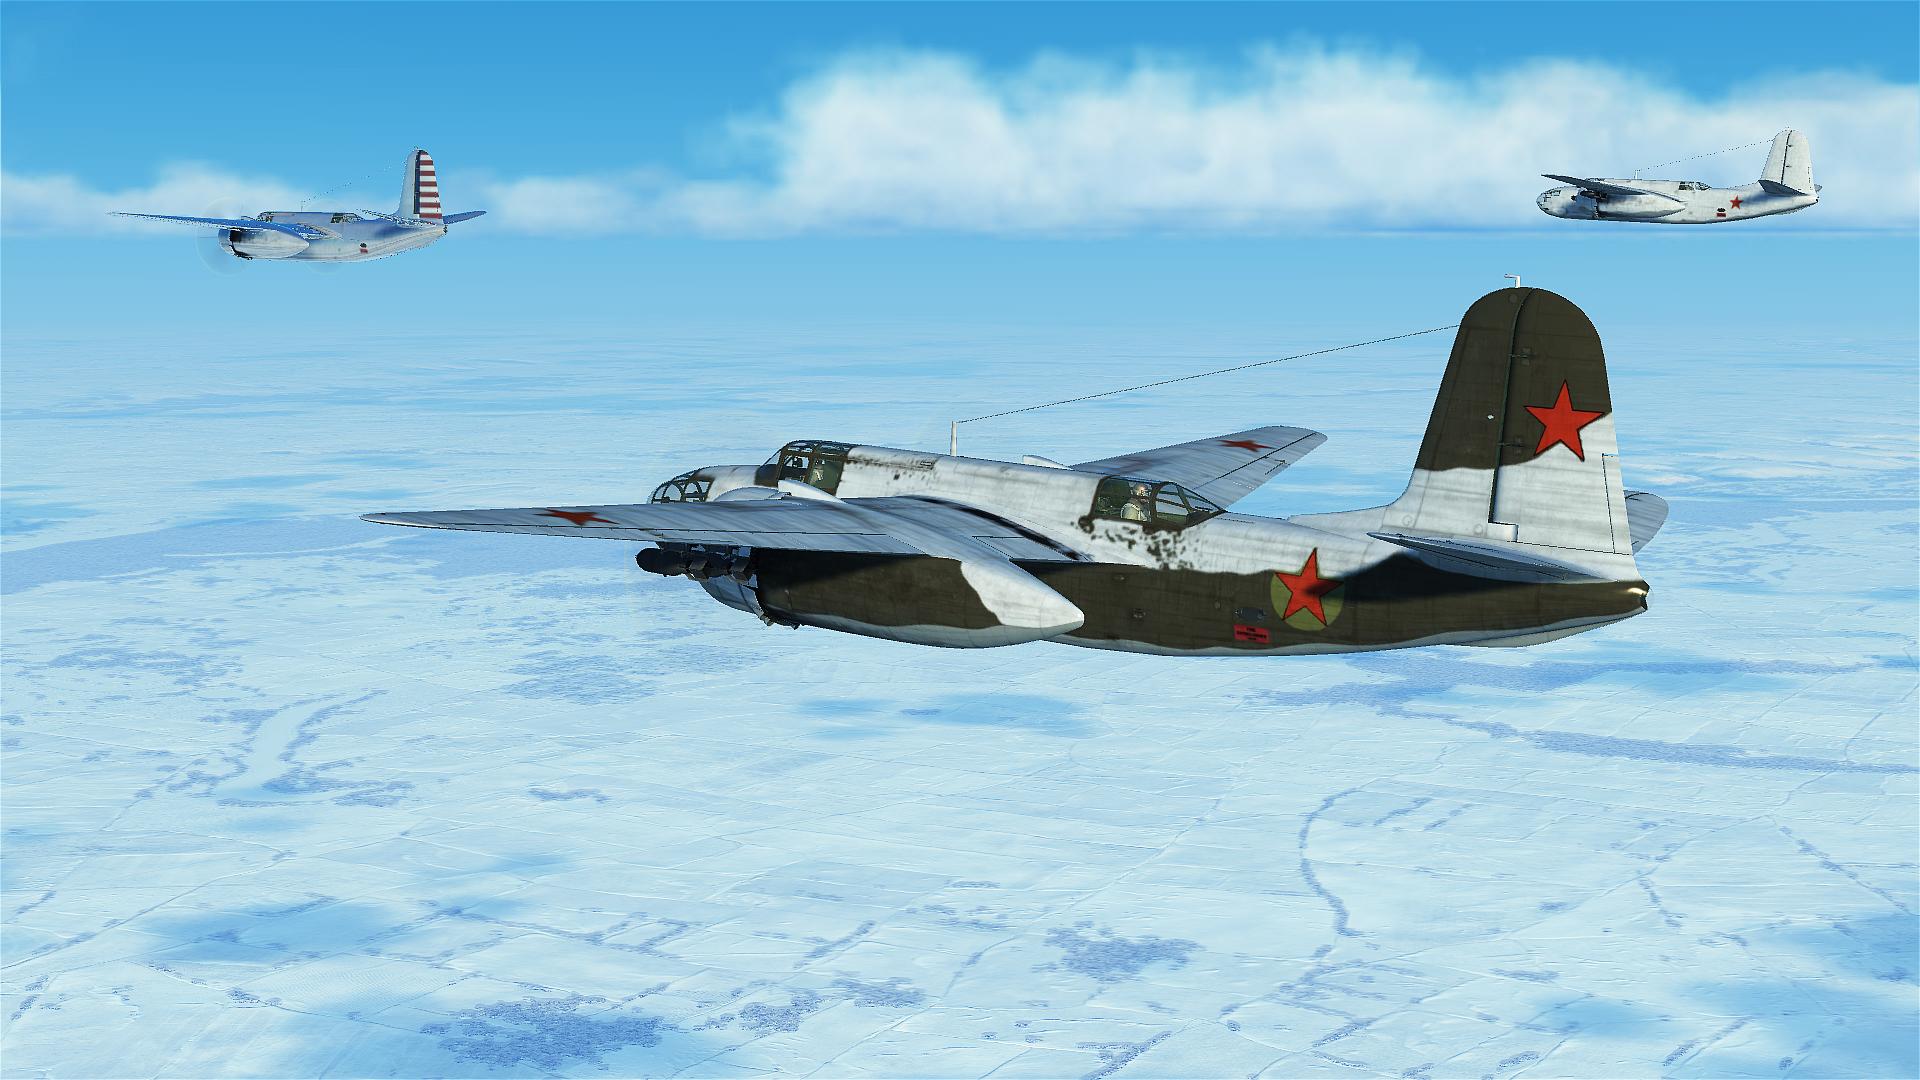 il-22019-06-2022-46-0mmk35.png